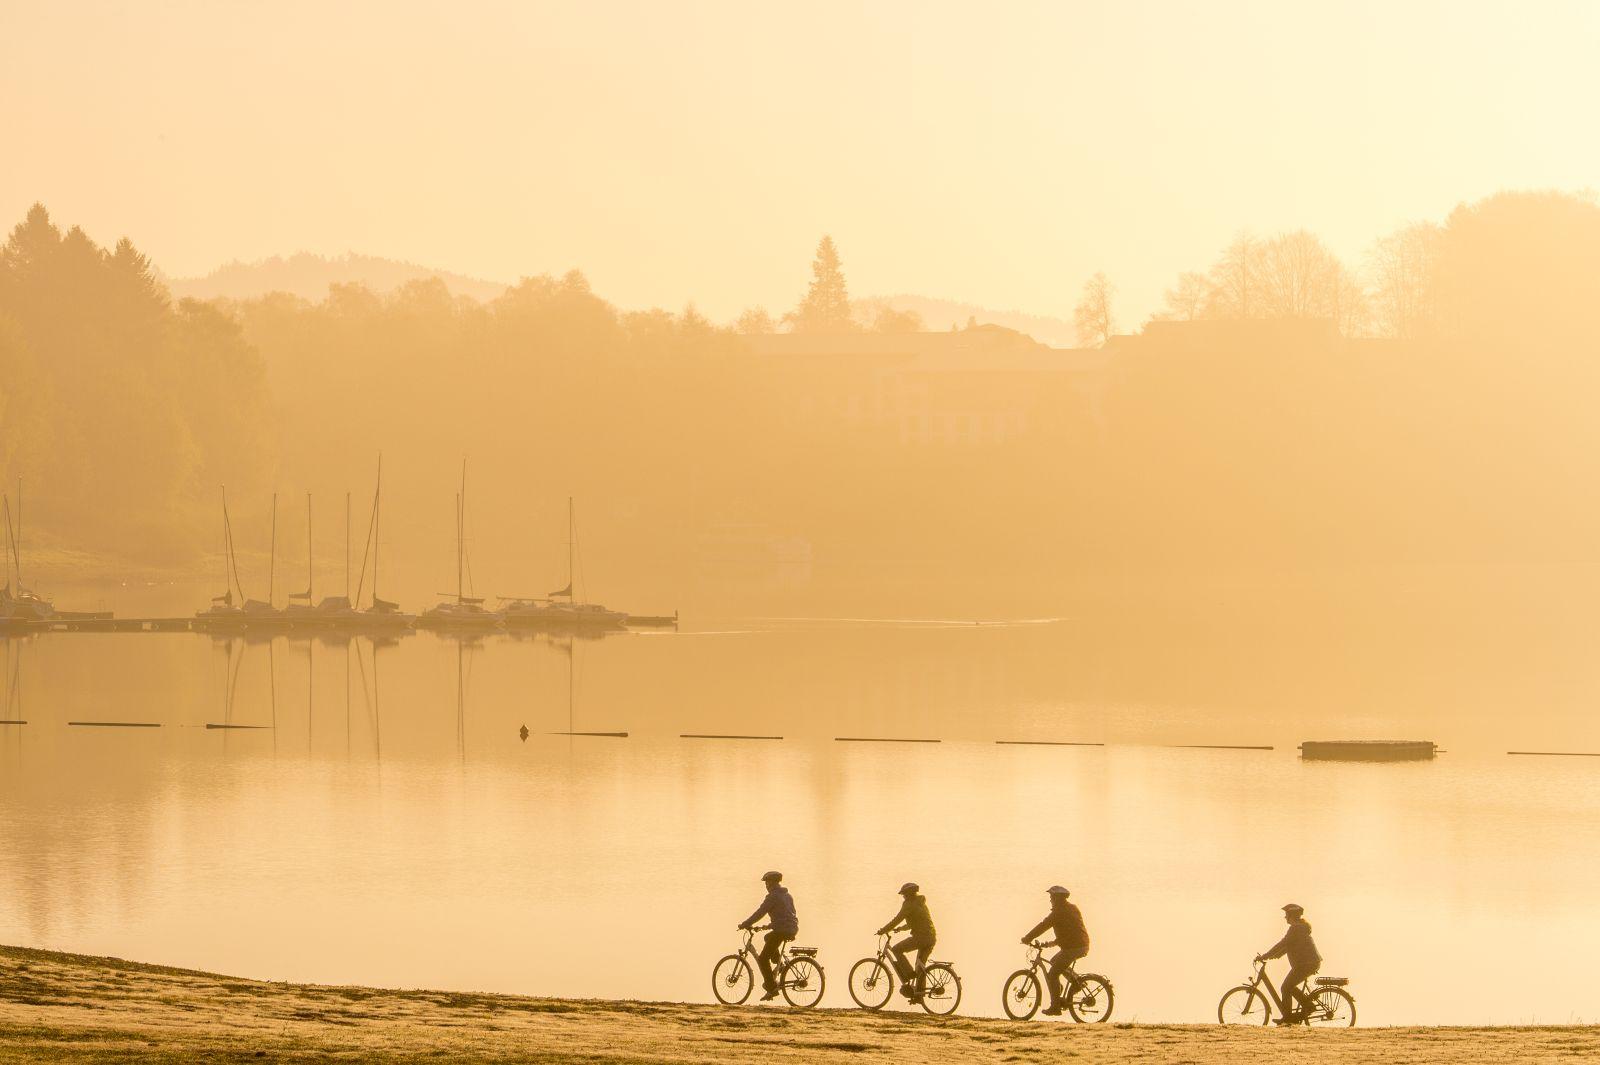 4 Radfahrer am Strand eines Sees in der Abendsonne